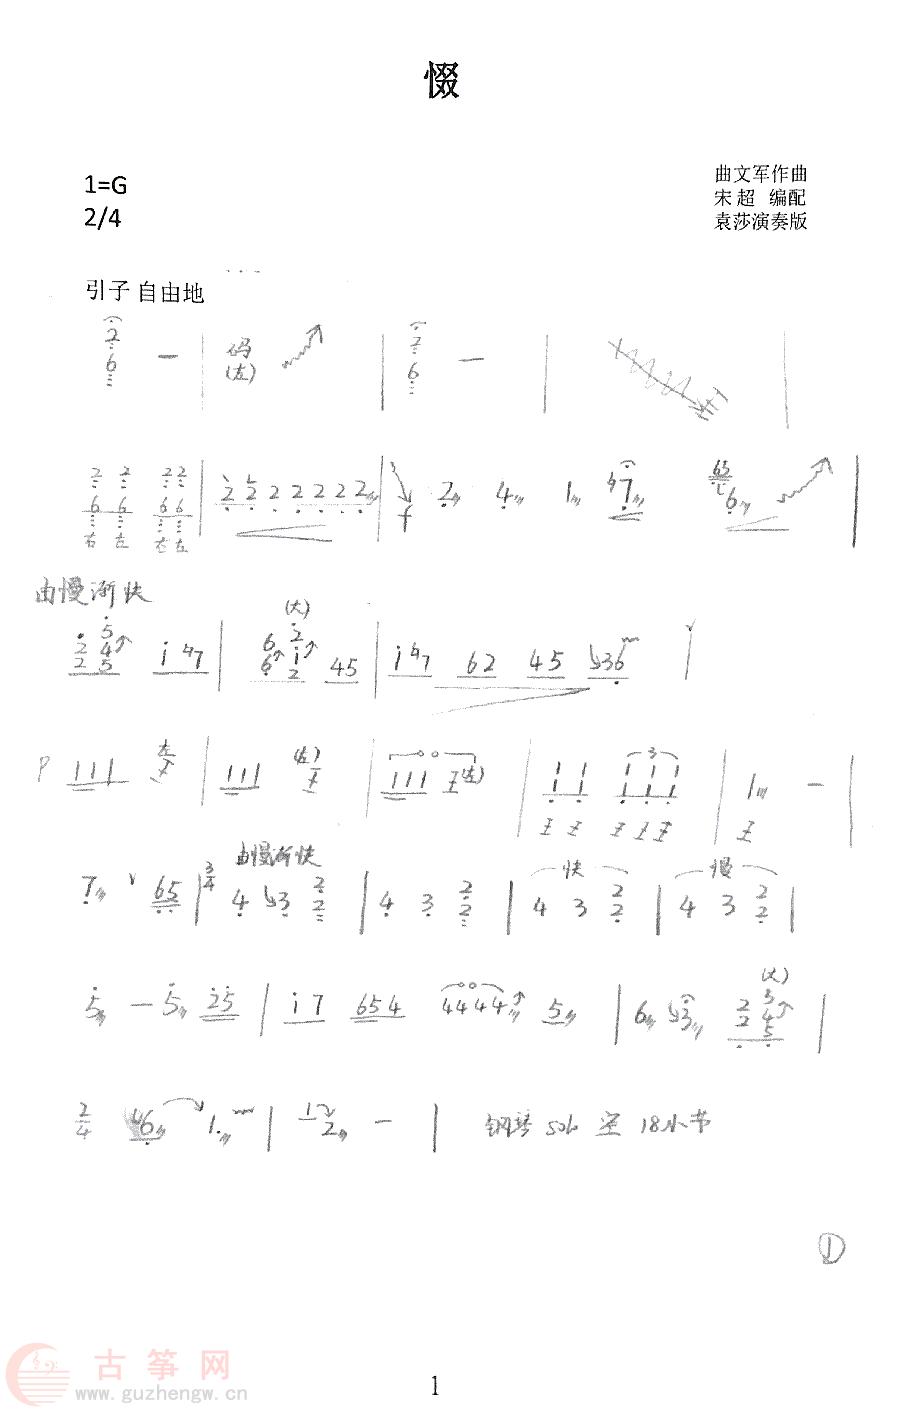 惙- 艺术古筝曲谱 - 中国古筝商城-古筝网